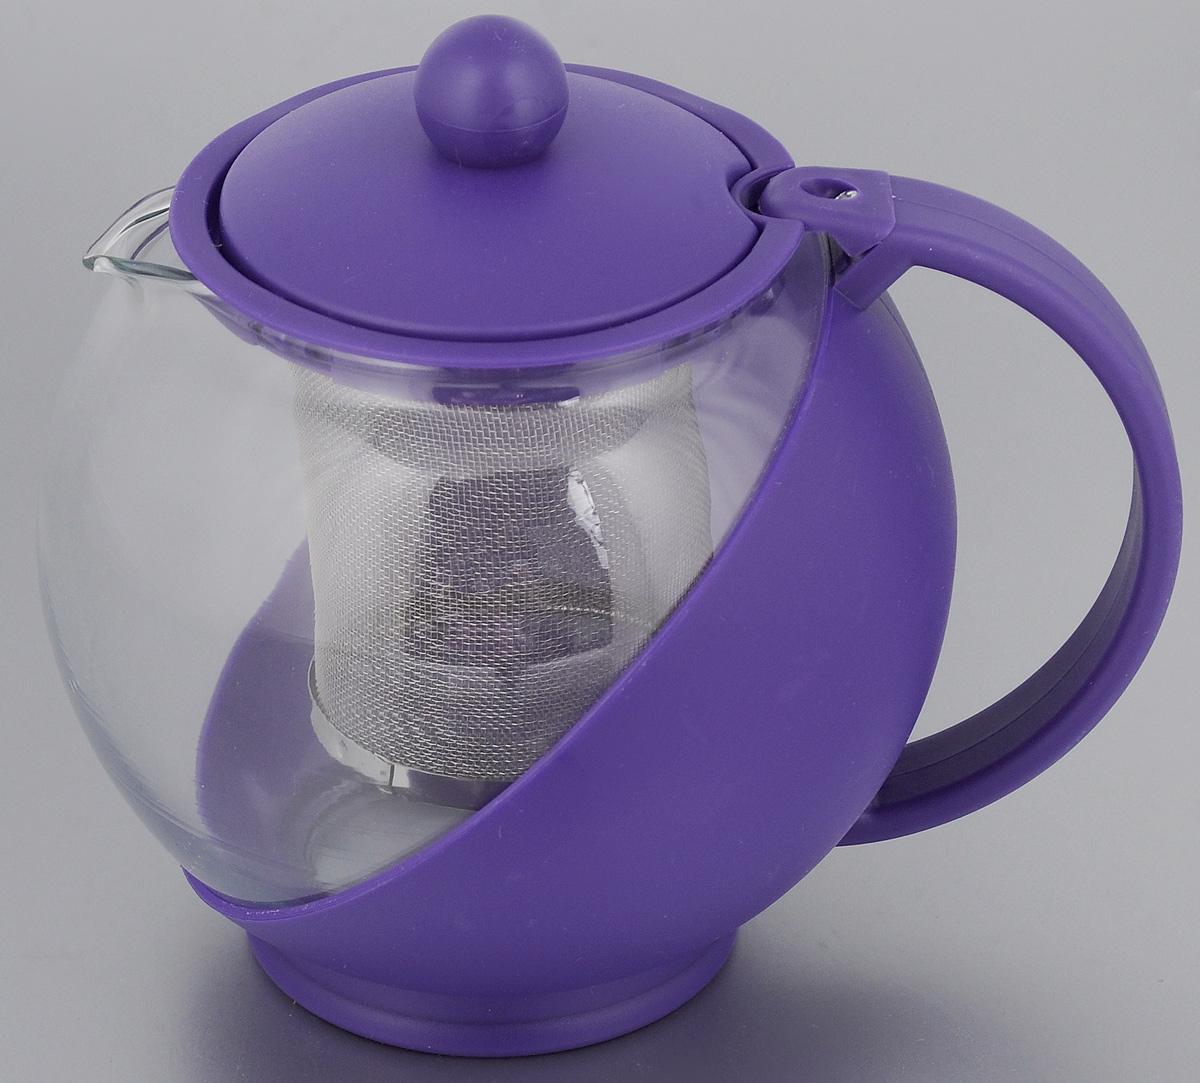 Чайник заварочный Mayer & Boch, с фильтром, цвет: прозрачный, фиолетовый, 750 мл. 2573825738_фиолетовыйЗаварочный чайник Mayer & Boch изготовлен из жаропрочногостекла и полипропилена. Чай в таком чайнике дольшеостается горячим, а полезные и ароматическиевещества полностью сохраняются в напитке. Чайник оснащенфильтром из нержавеющей стали и крышкой.Простой и удобный чайник поможет вам приготовить крепкий,ароматный чай.Диаметр чайника (по верхнему краю): 8 см. Высота чайника (без учета крышки): 11,5 см. Высота фильтра: 7,2 см.